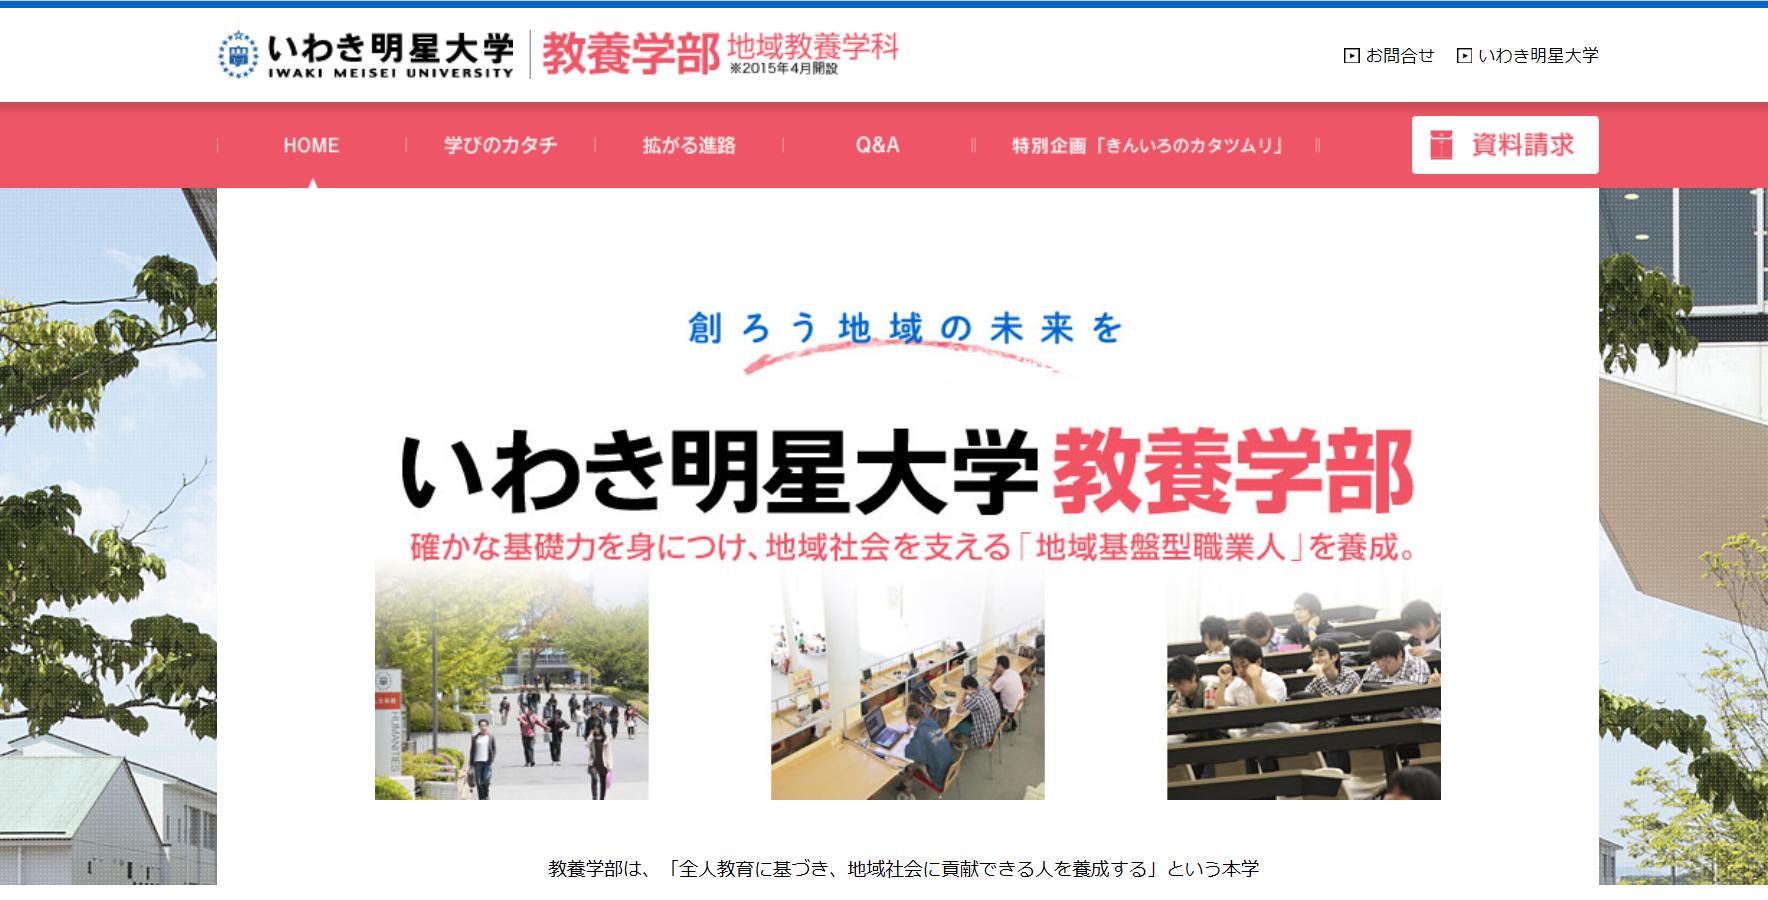 いわき明星大学の評判・口コミ【教養学部編】